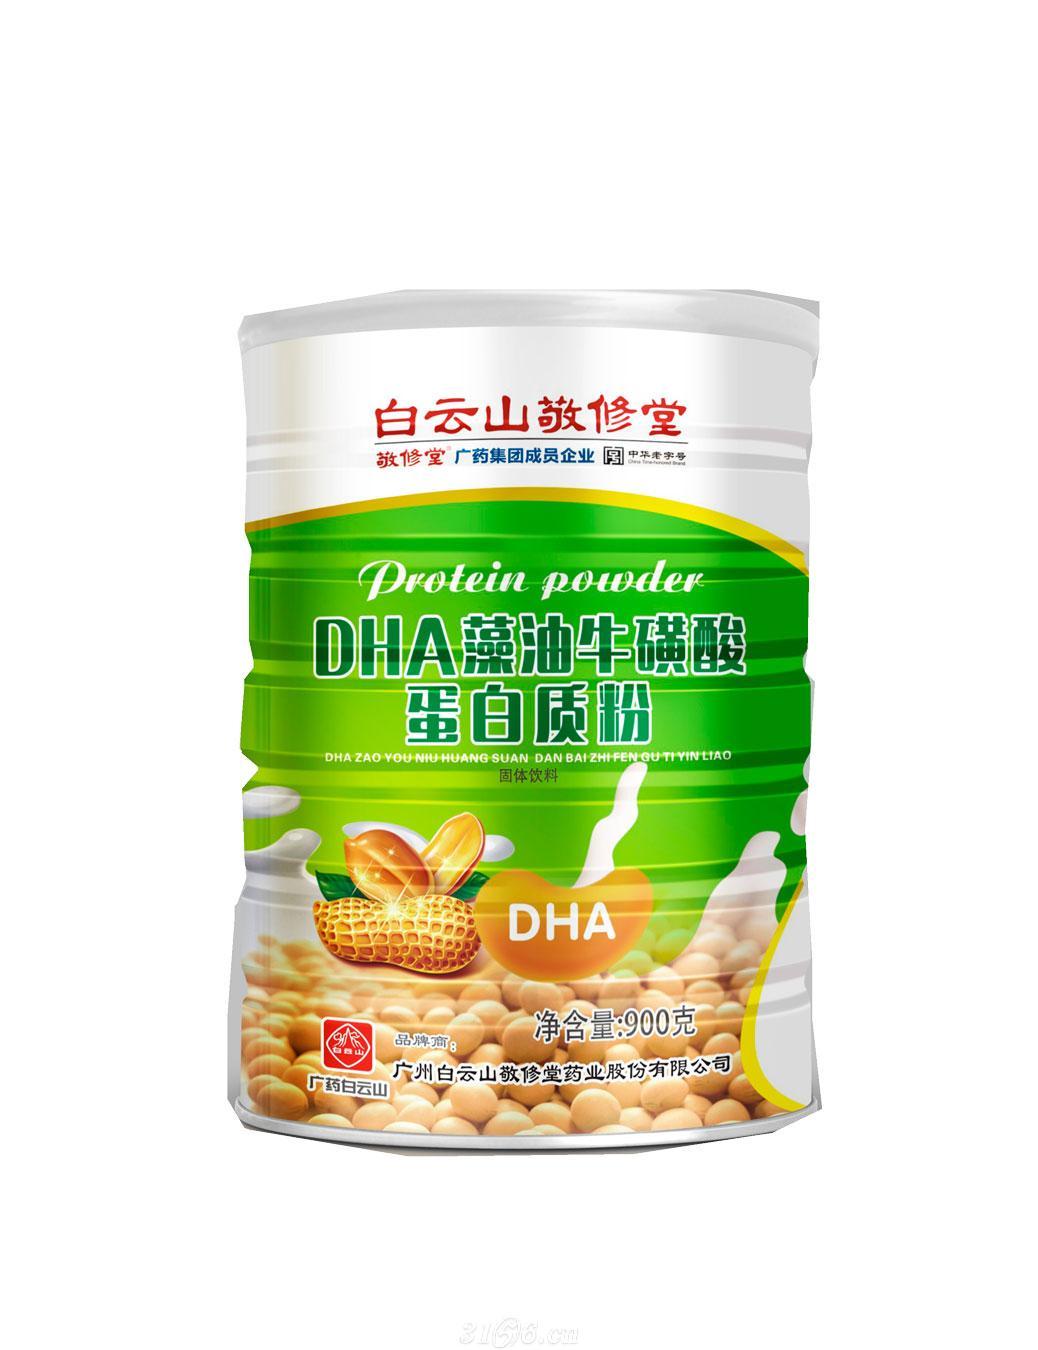 白云山敬修堂DHA藻油牛磺酸蛋白质粉